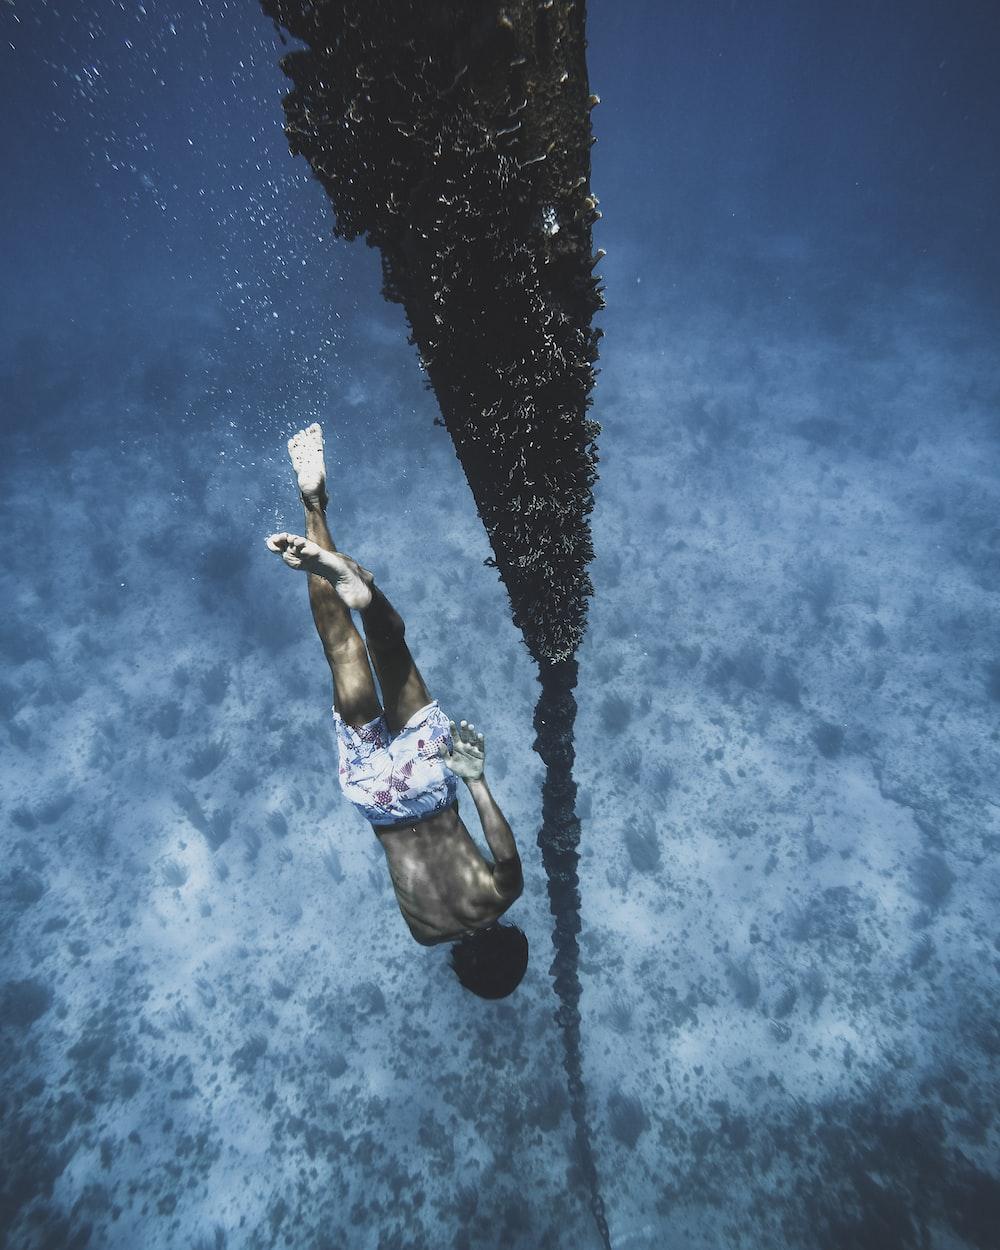 woman in blue and white bikini swimming in water